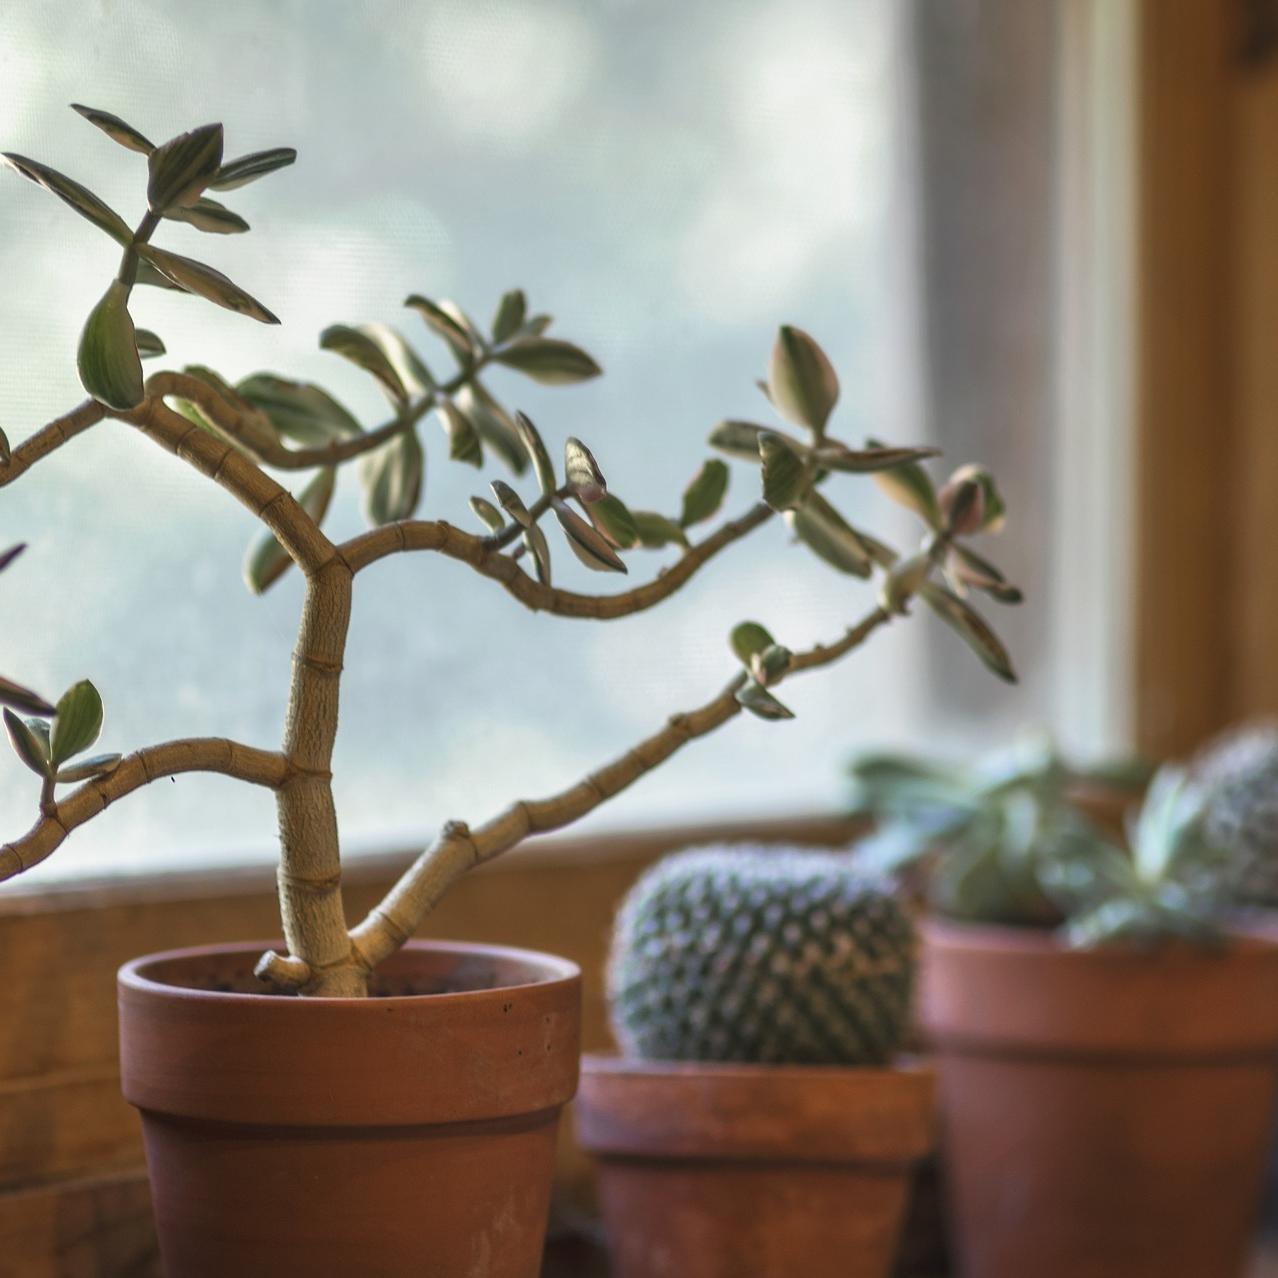 cactus-2556004_1920.jpg